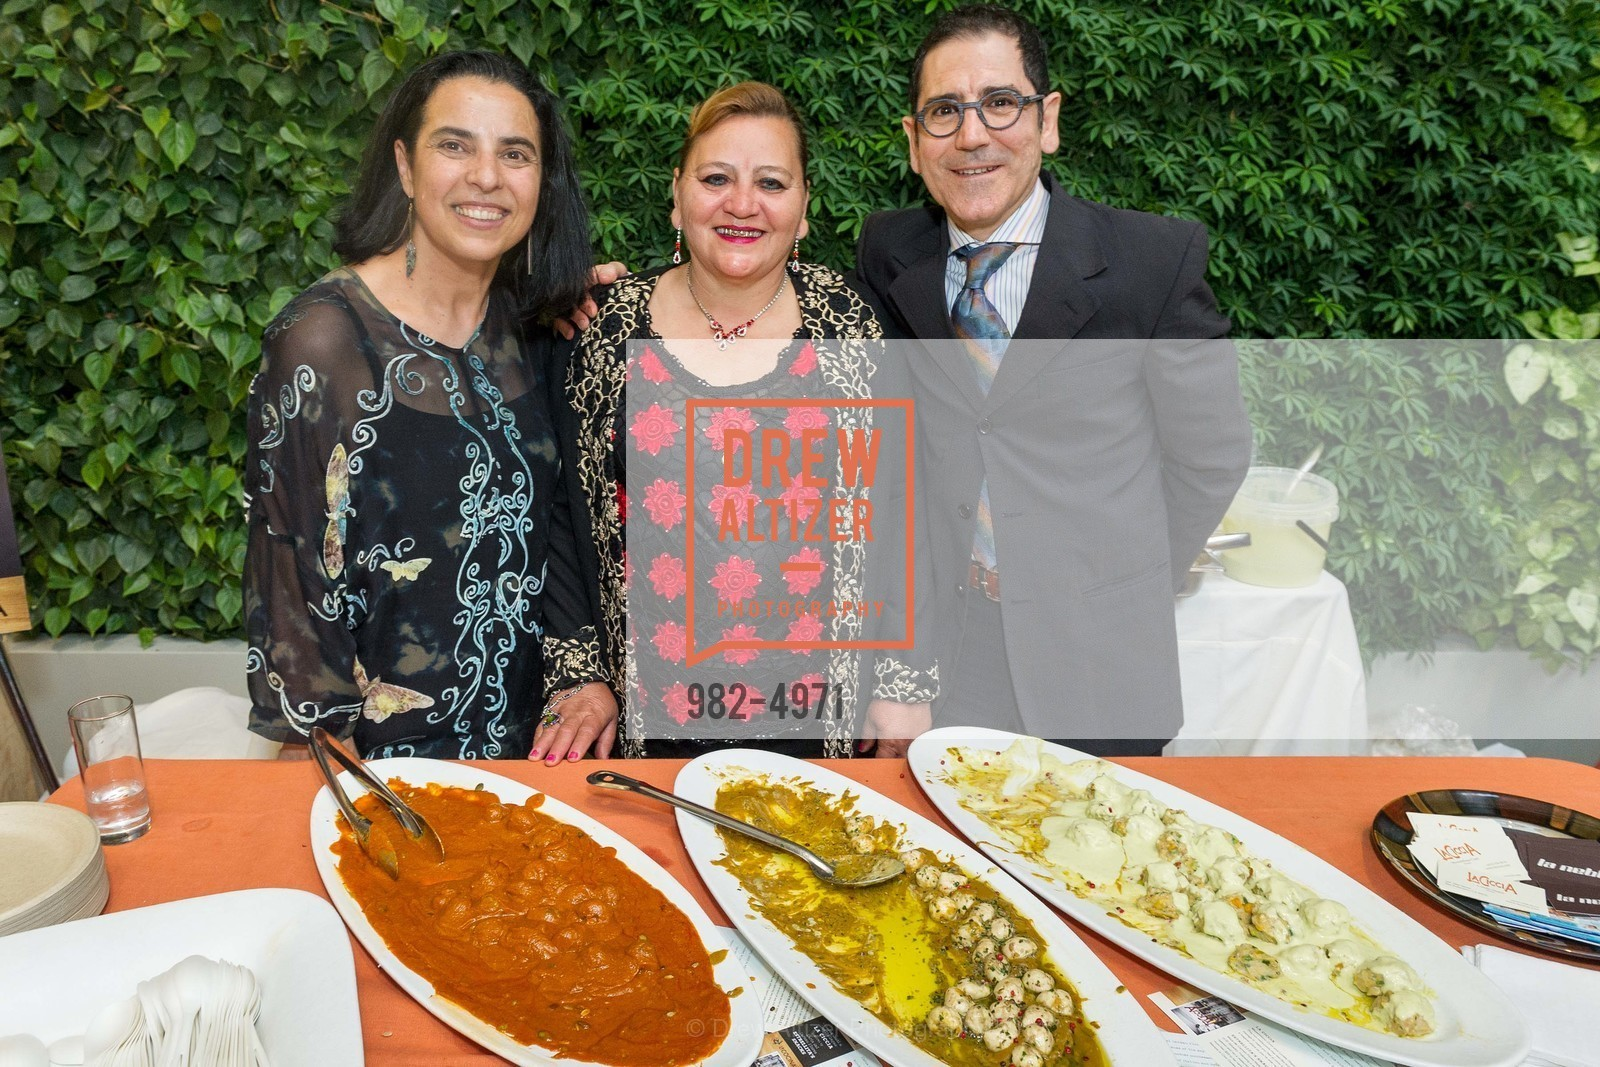 Lorella Degan, Maria Flores, Massimiliano Conti, Photo #982-4971